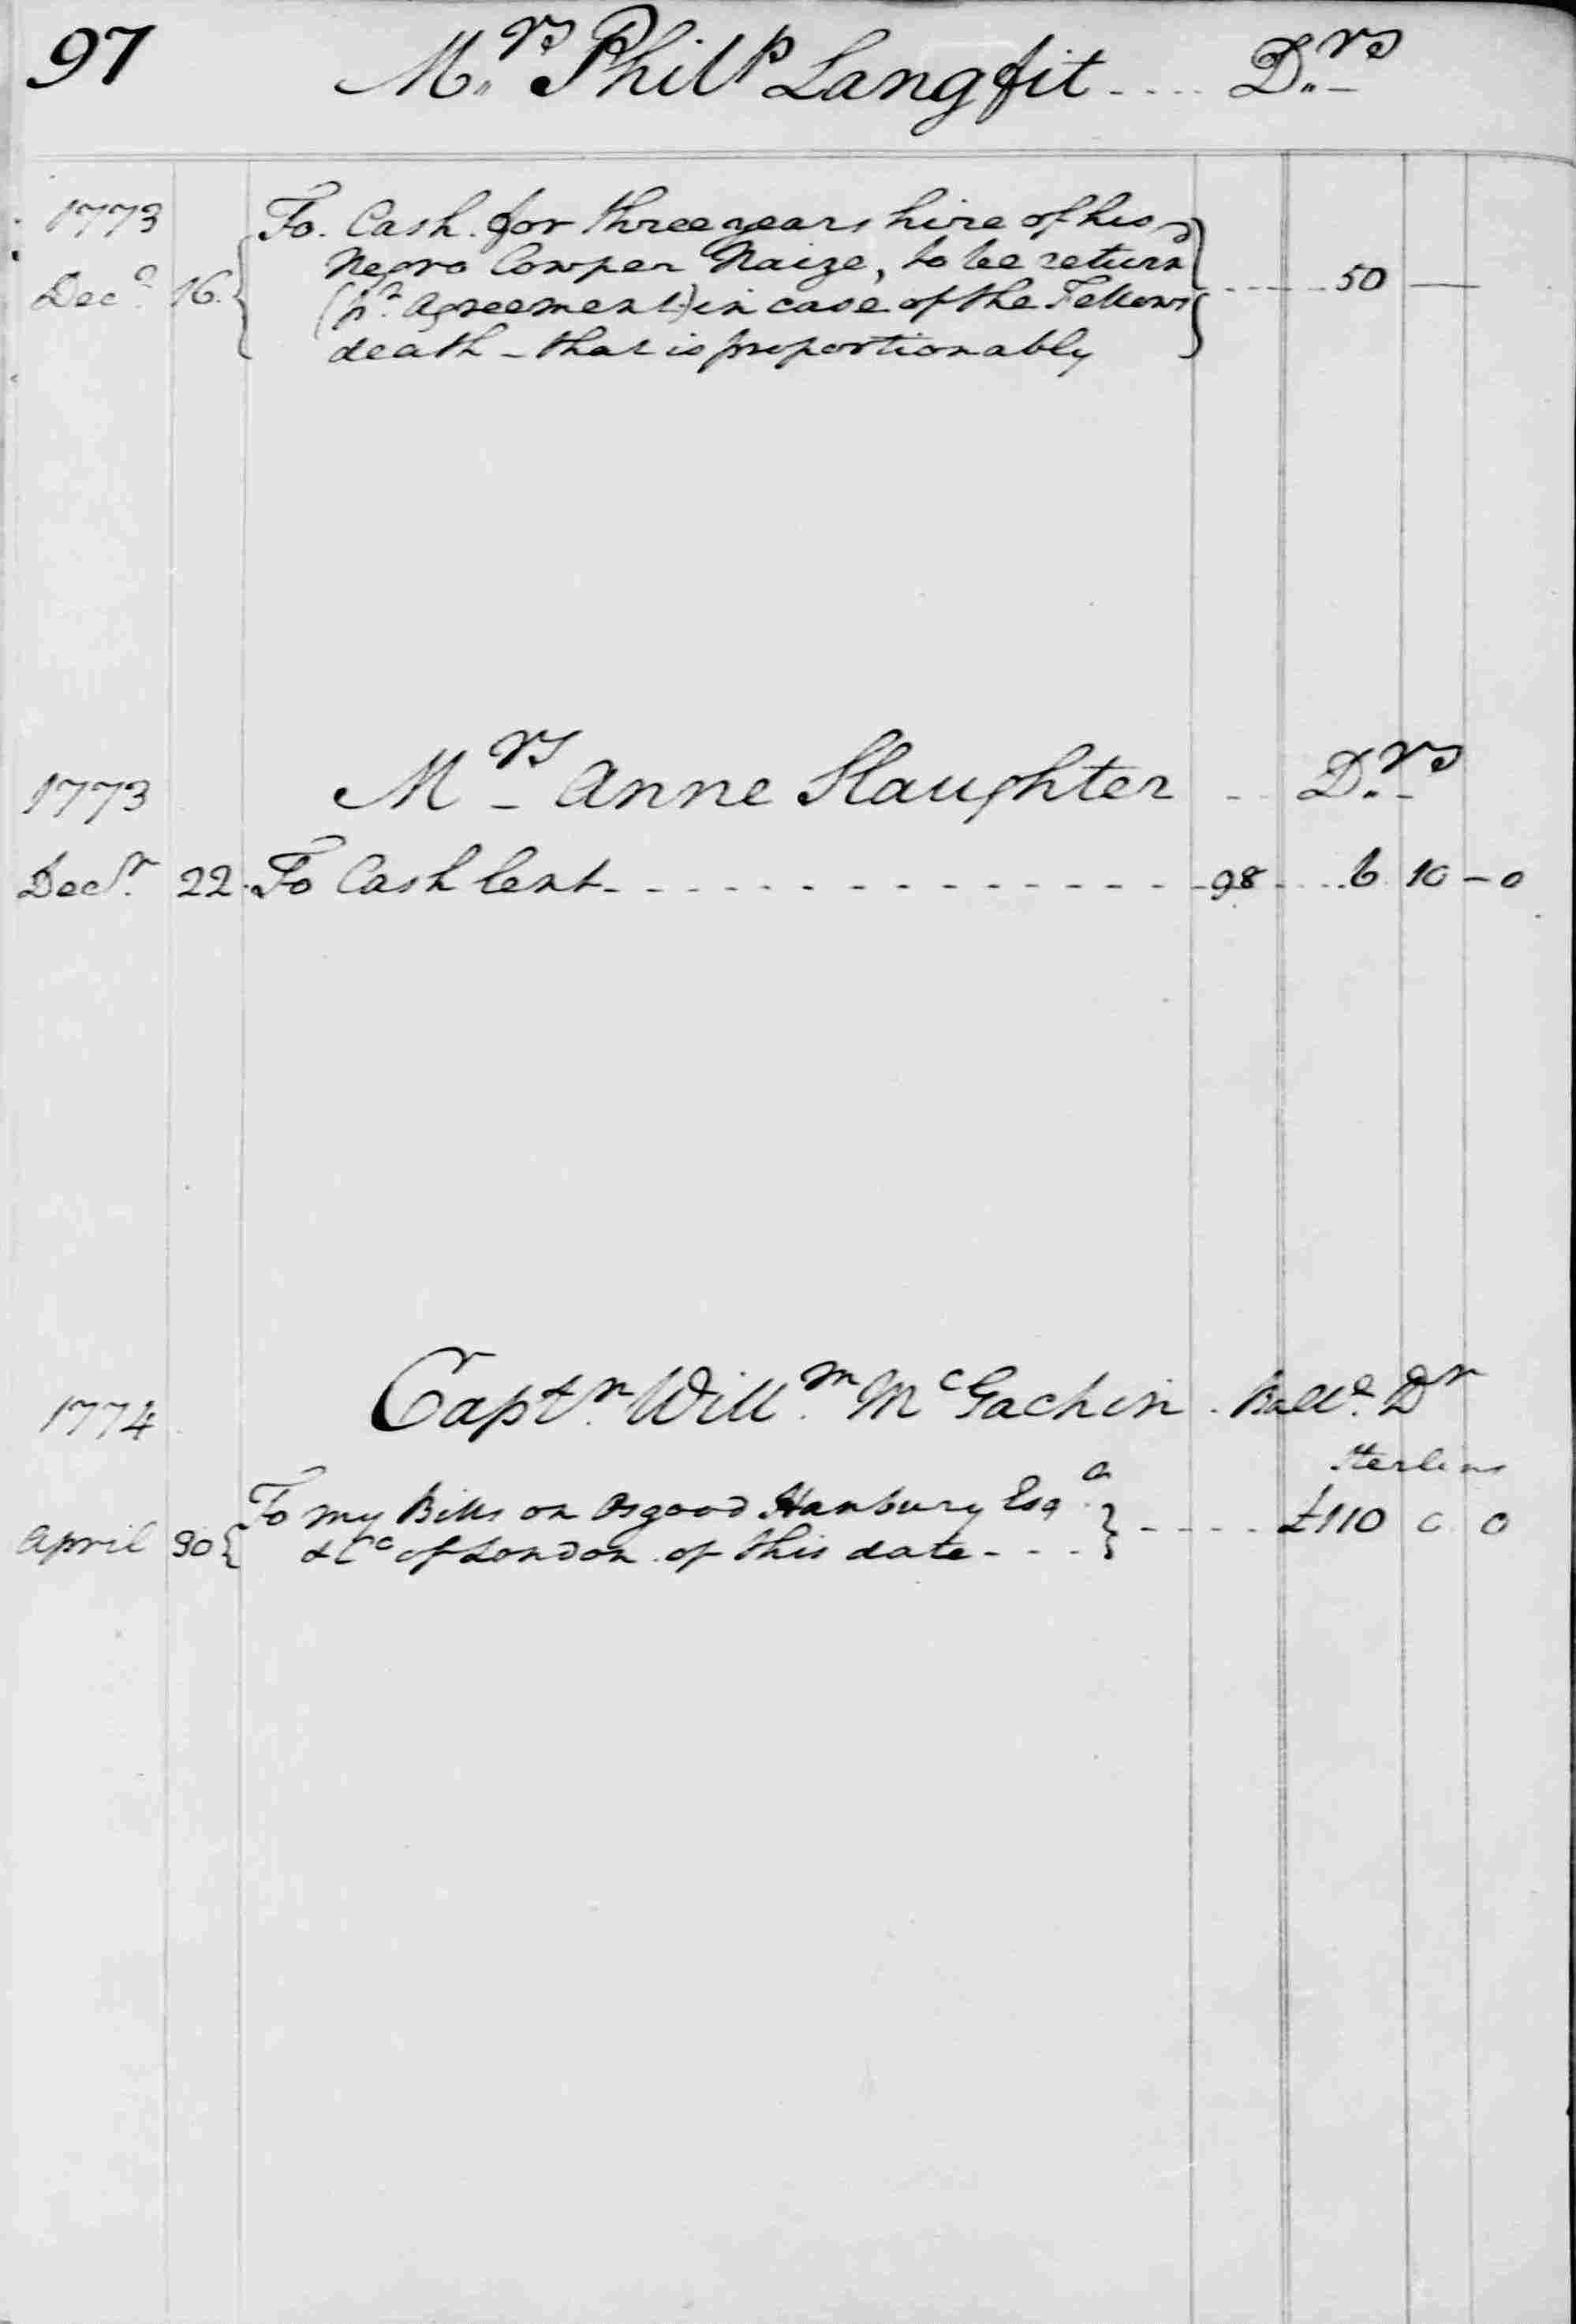 Ledger B, folio 97, left side